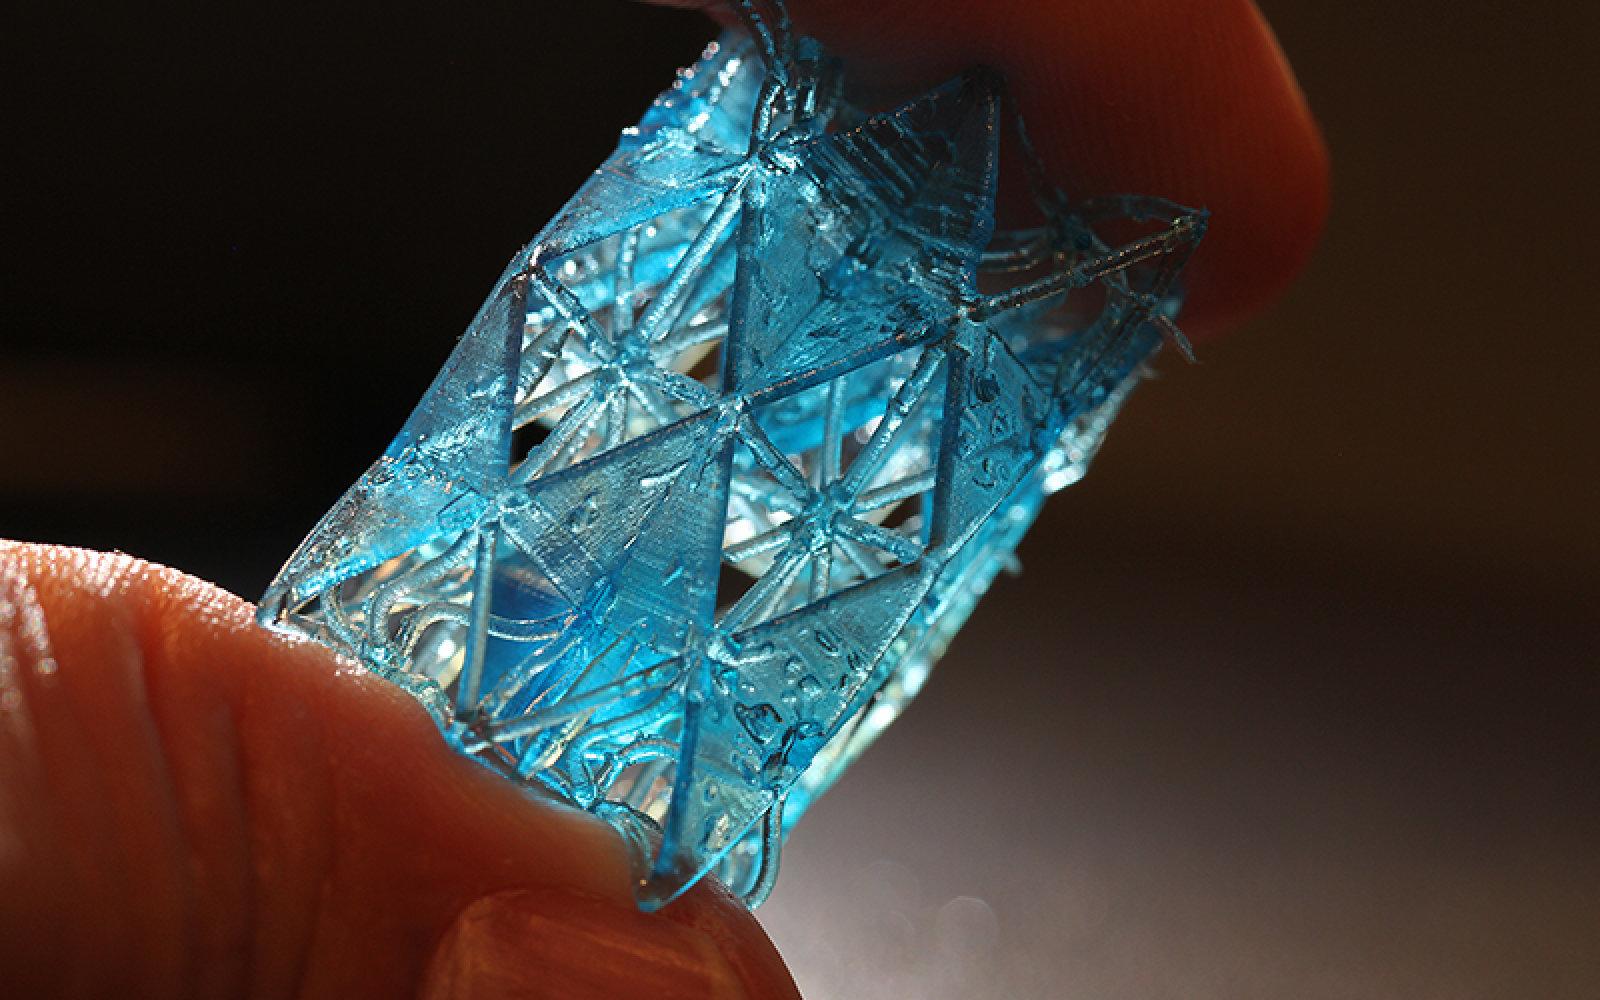 سه بعدی مواد ساختمانی با الهام از استخوان انسان